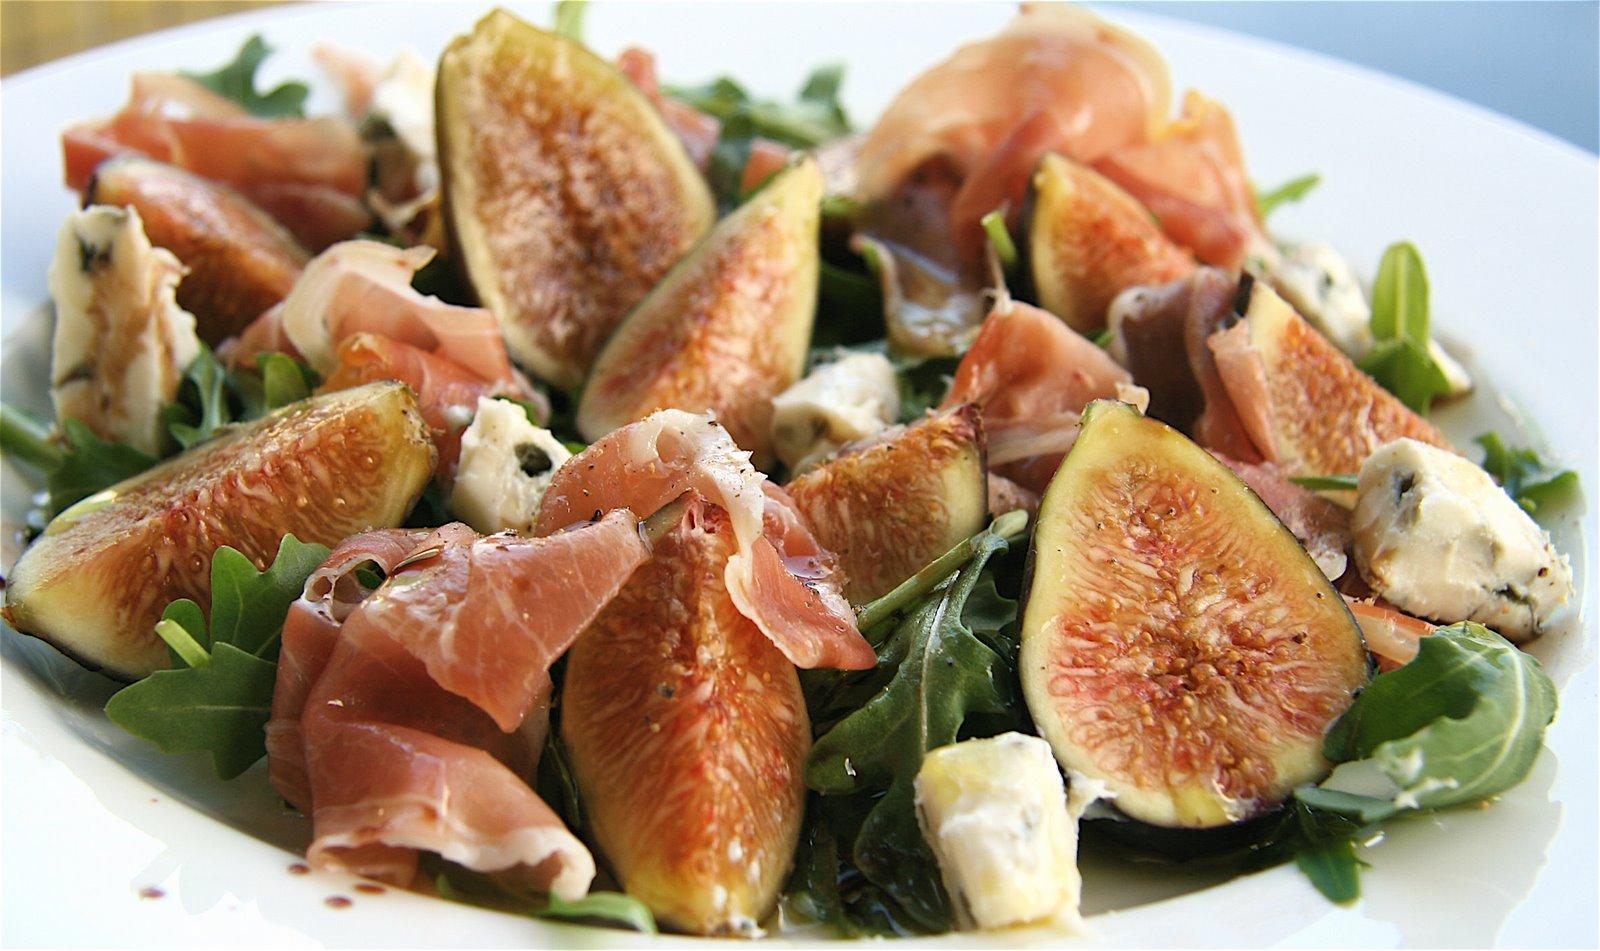 and gorgonzola salad and gorgonzola salad crispy prosciutto salad